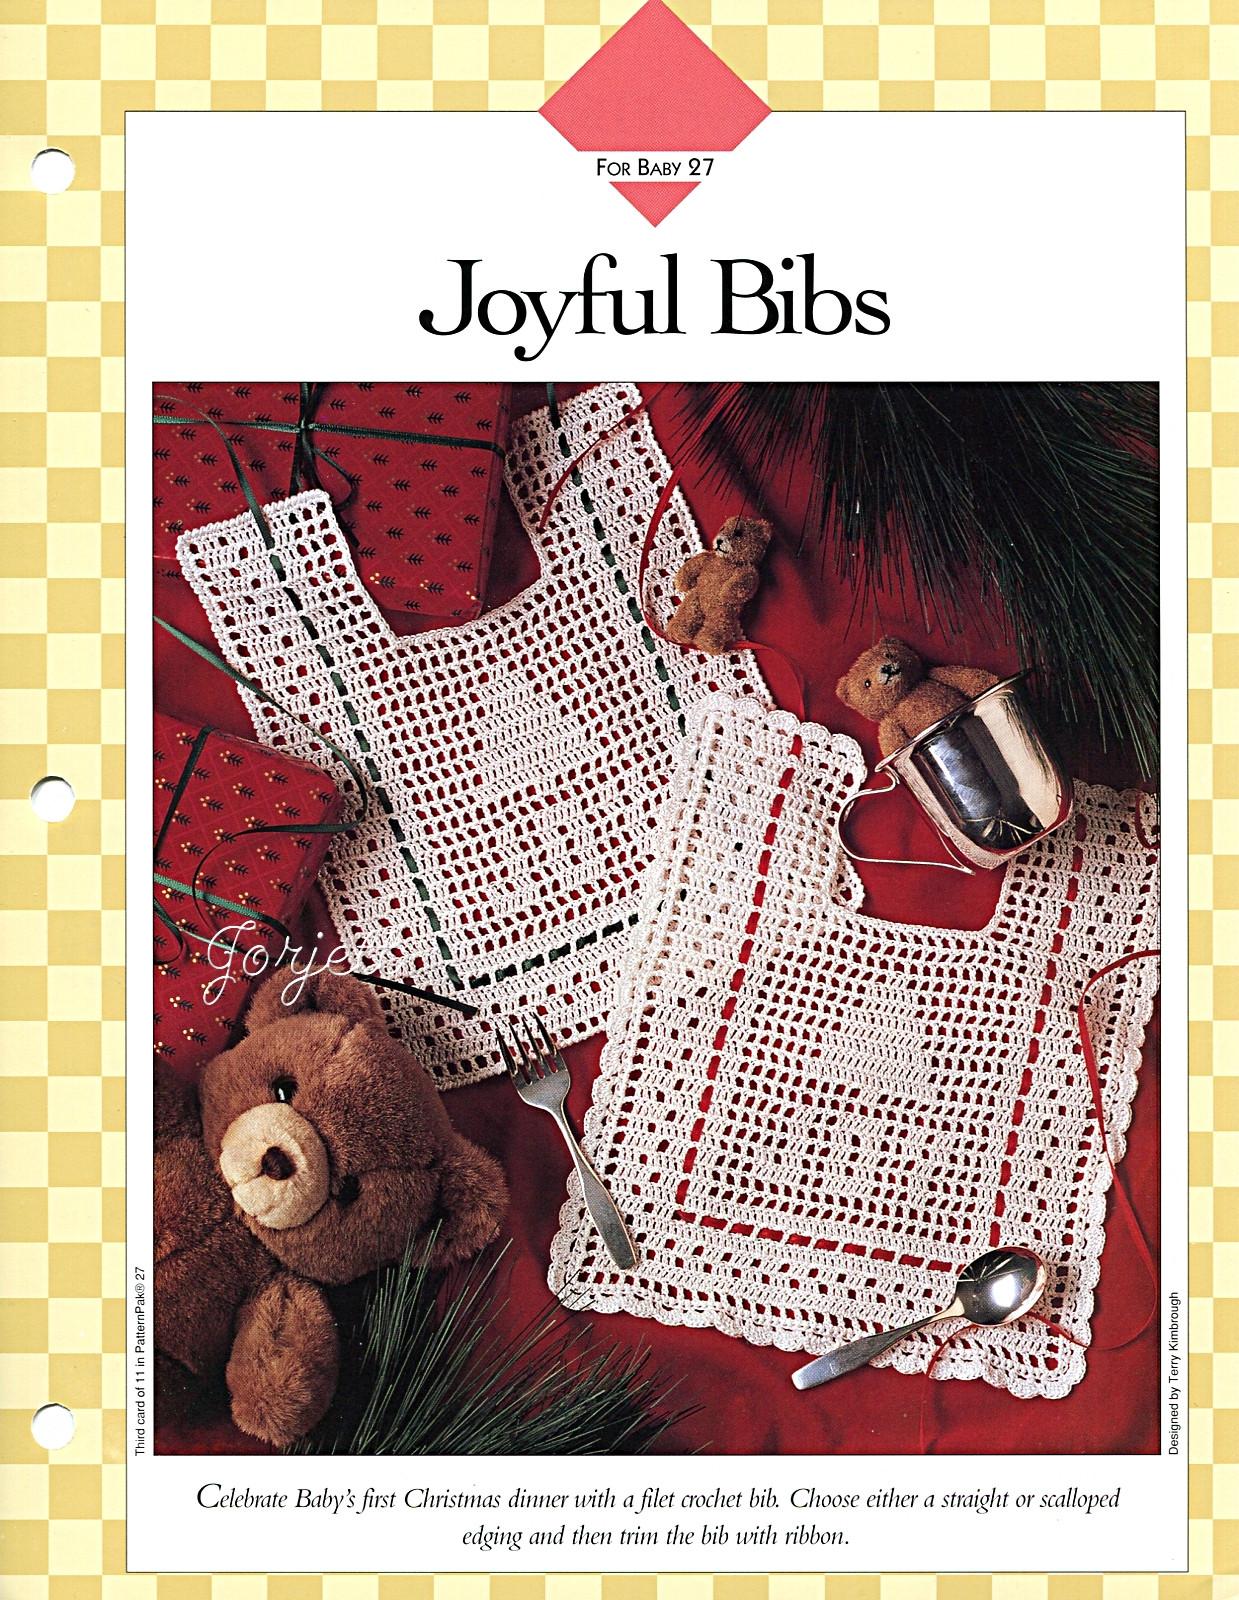 Filet Crochet Baby Bib Patterns : Joyful Bibs Holiday Baby Filet Crochet Patterns eBay